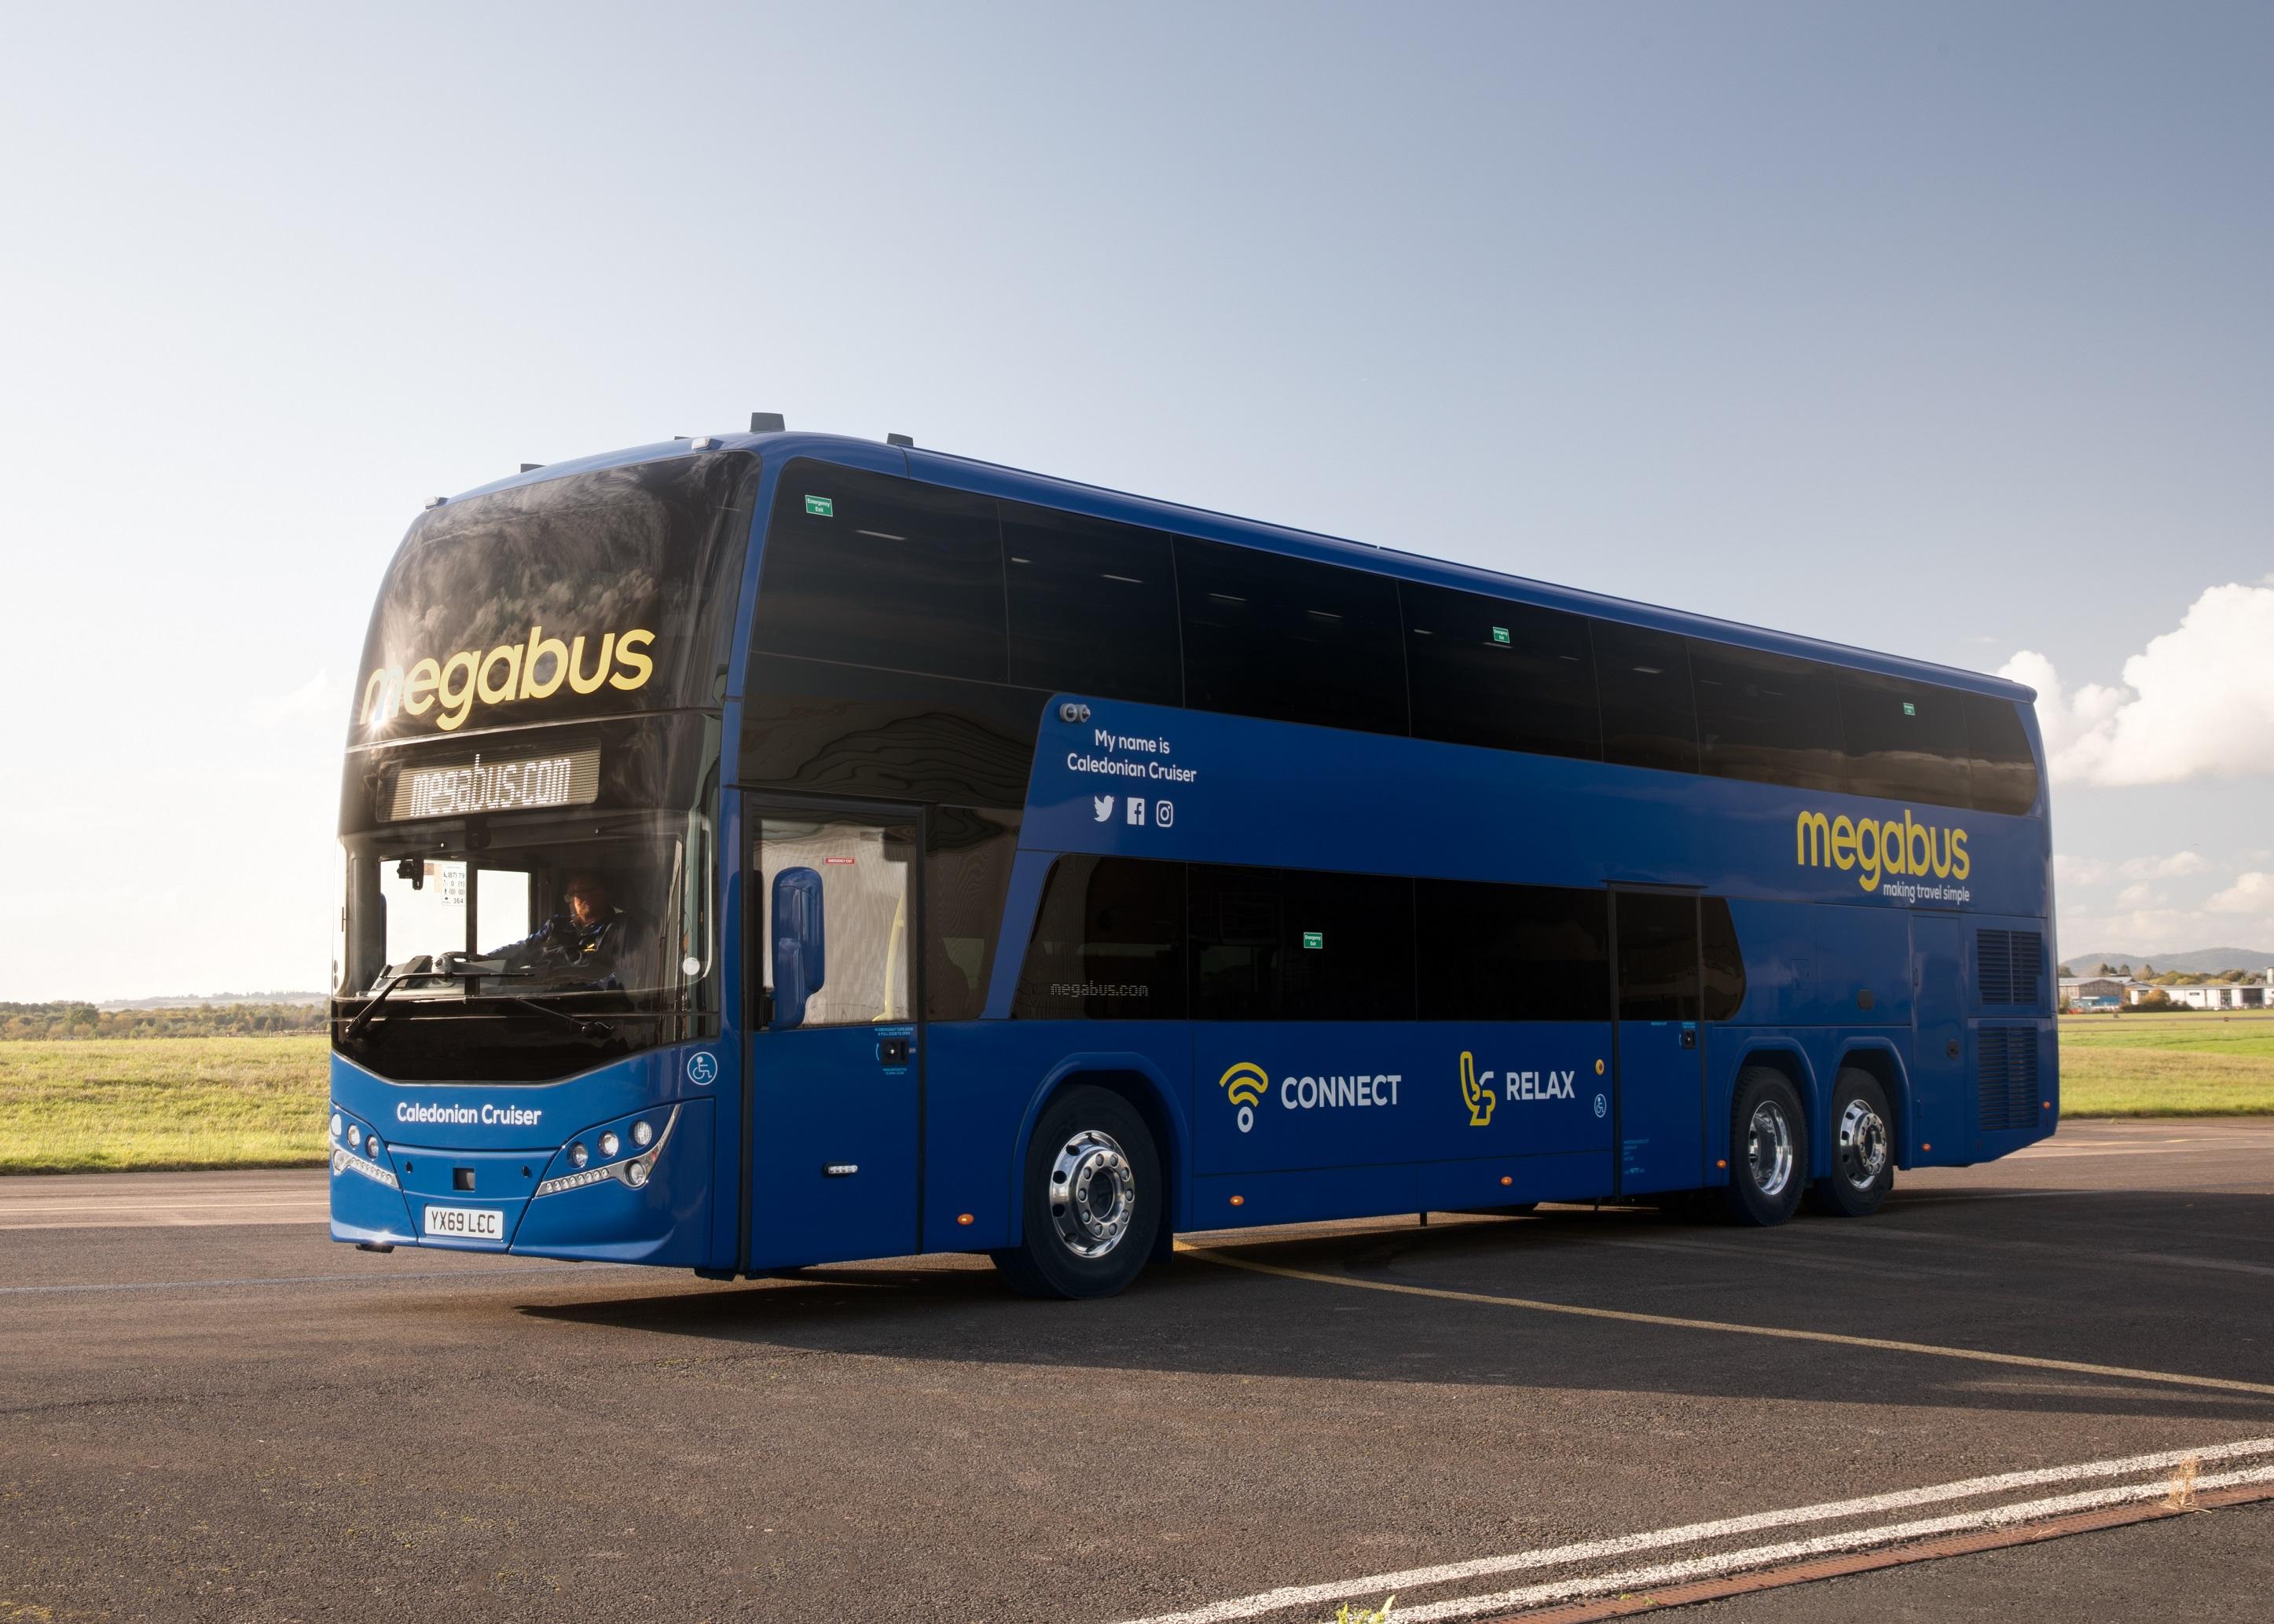 megabus in exclusive TUI team-up